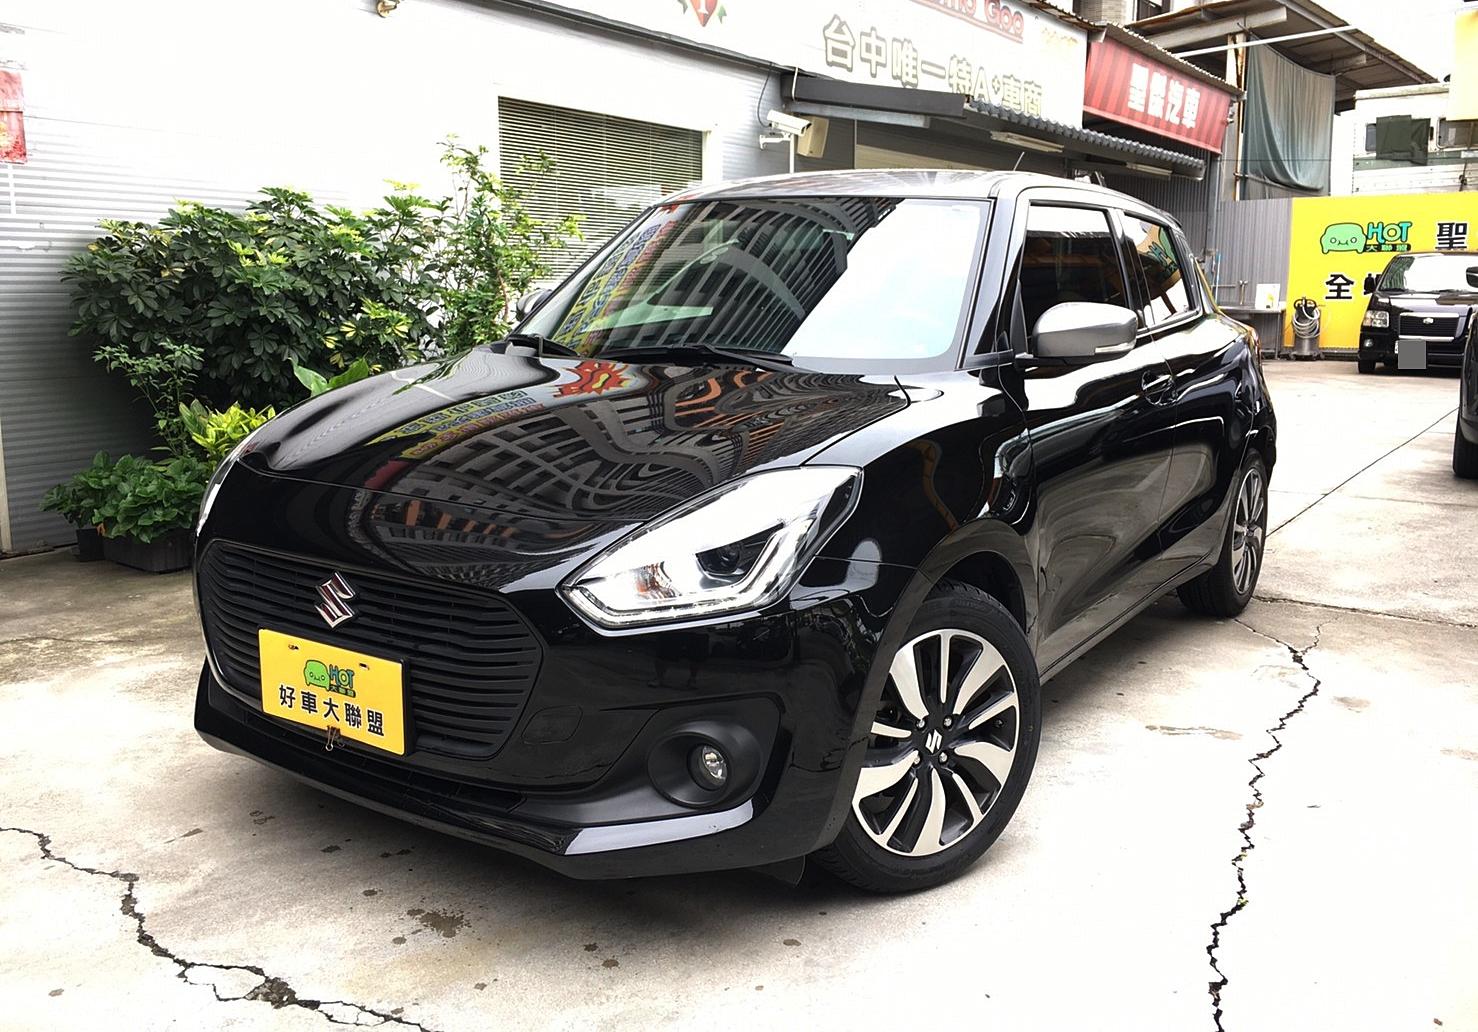 Suzuki 鈴木 2019 Swift